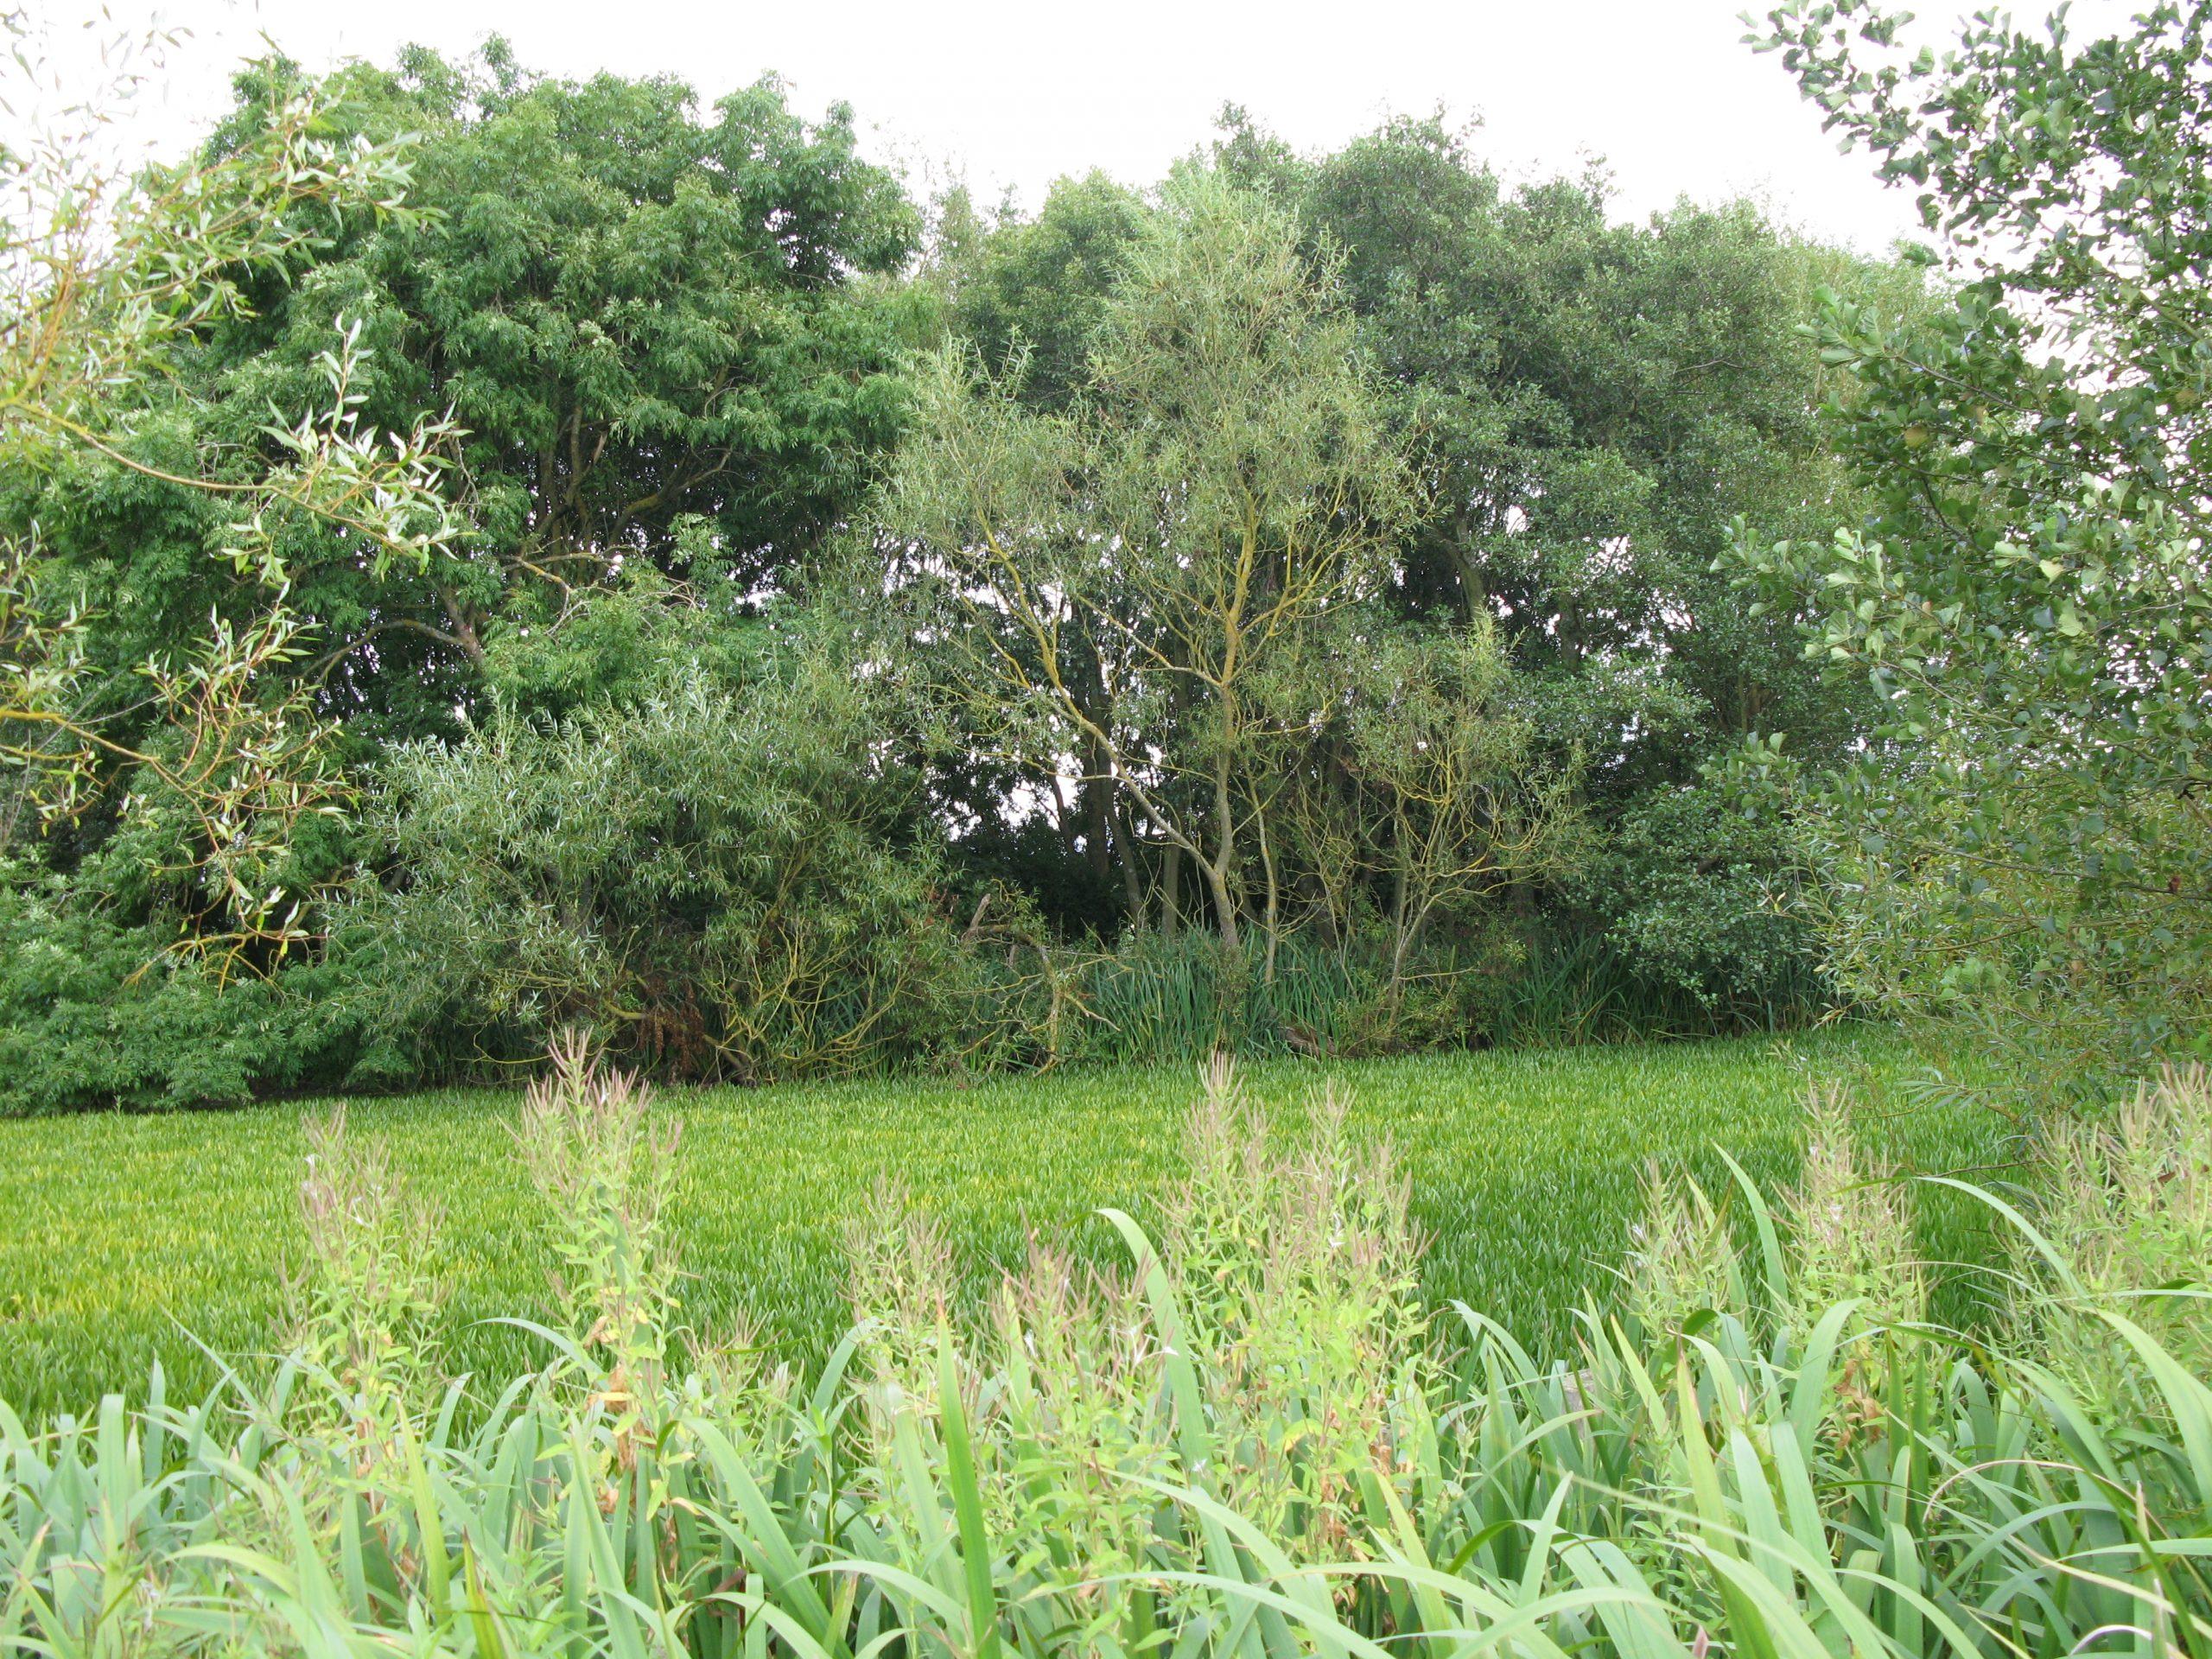 Ogle Pond area